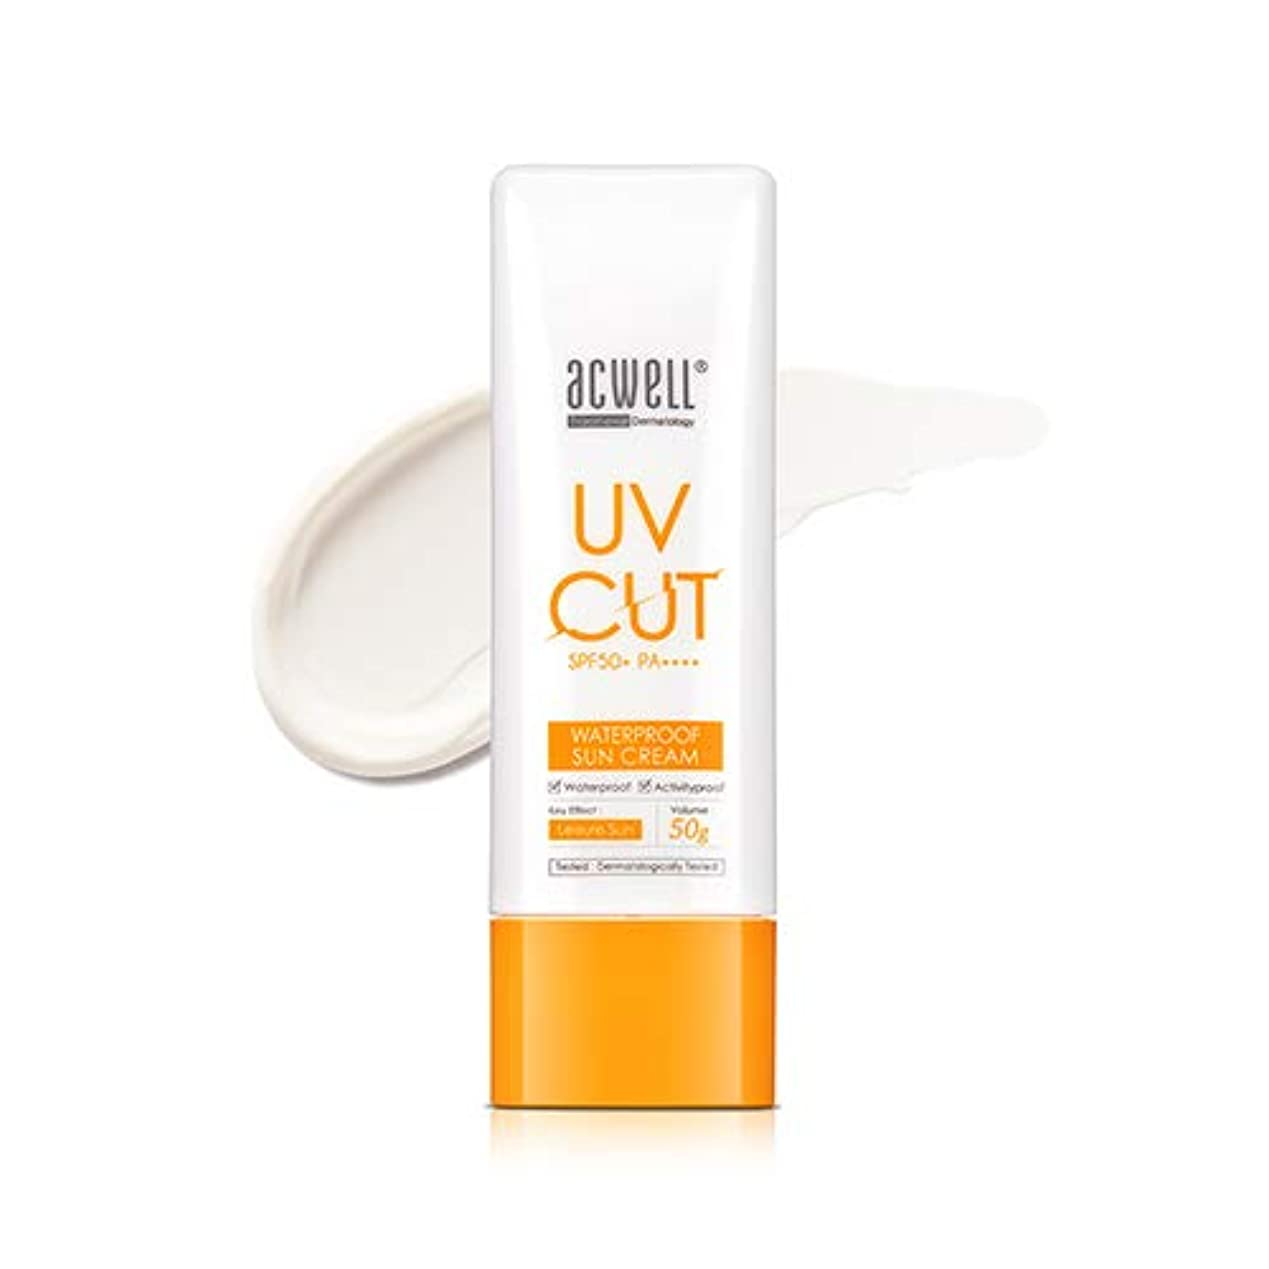 控える感度パブアクウェル ACWELL UV Cut Waterproof Sun Cream ウォータープルーフ サンクリーム 50g, SPF50+ PA++++ [Made in Korea]